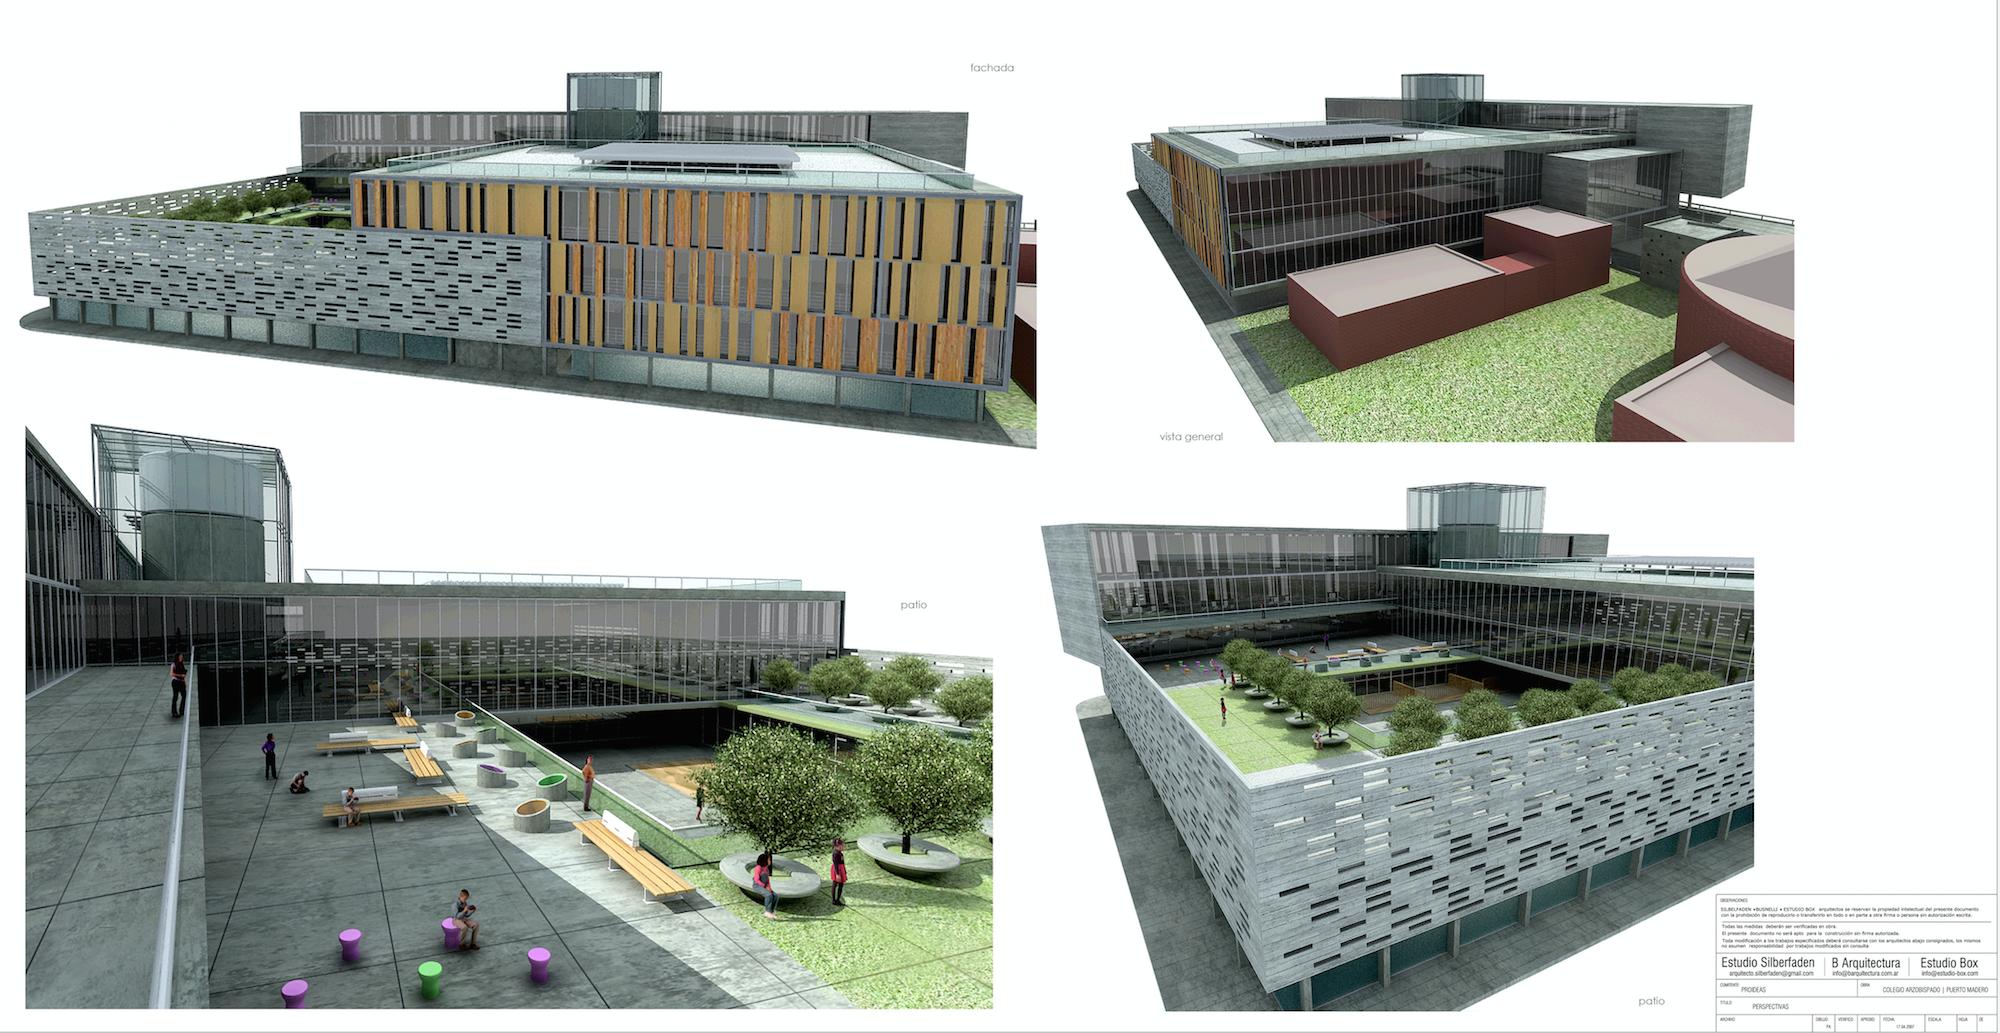 pablo-escobar-school-project-1486760180.png